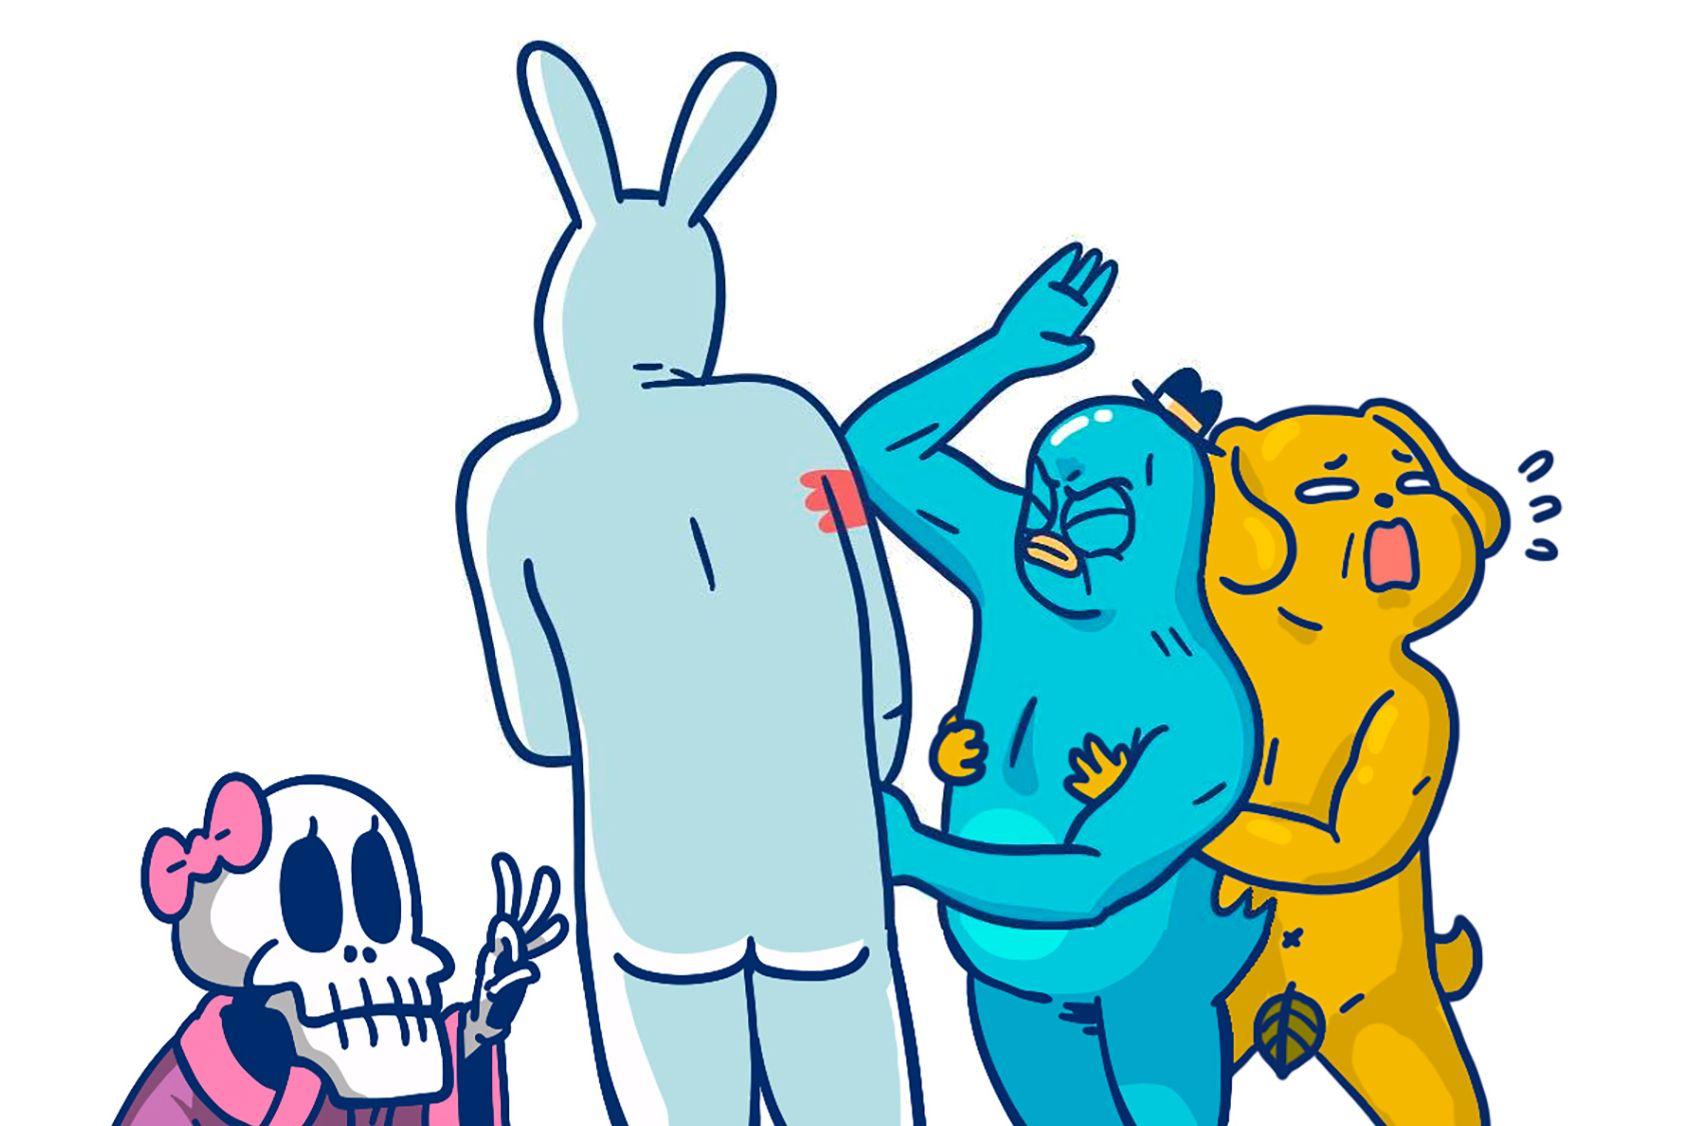 Cười lả cả người với 9 fanpage giải trí hài hước bậc nhất tại Việt Nam